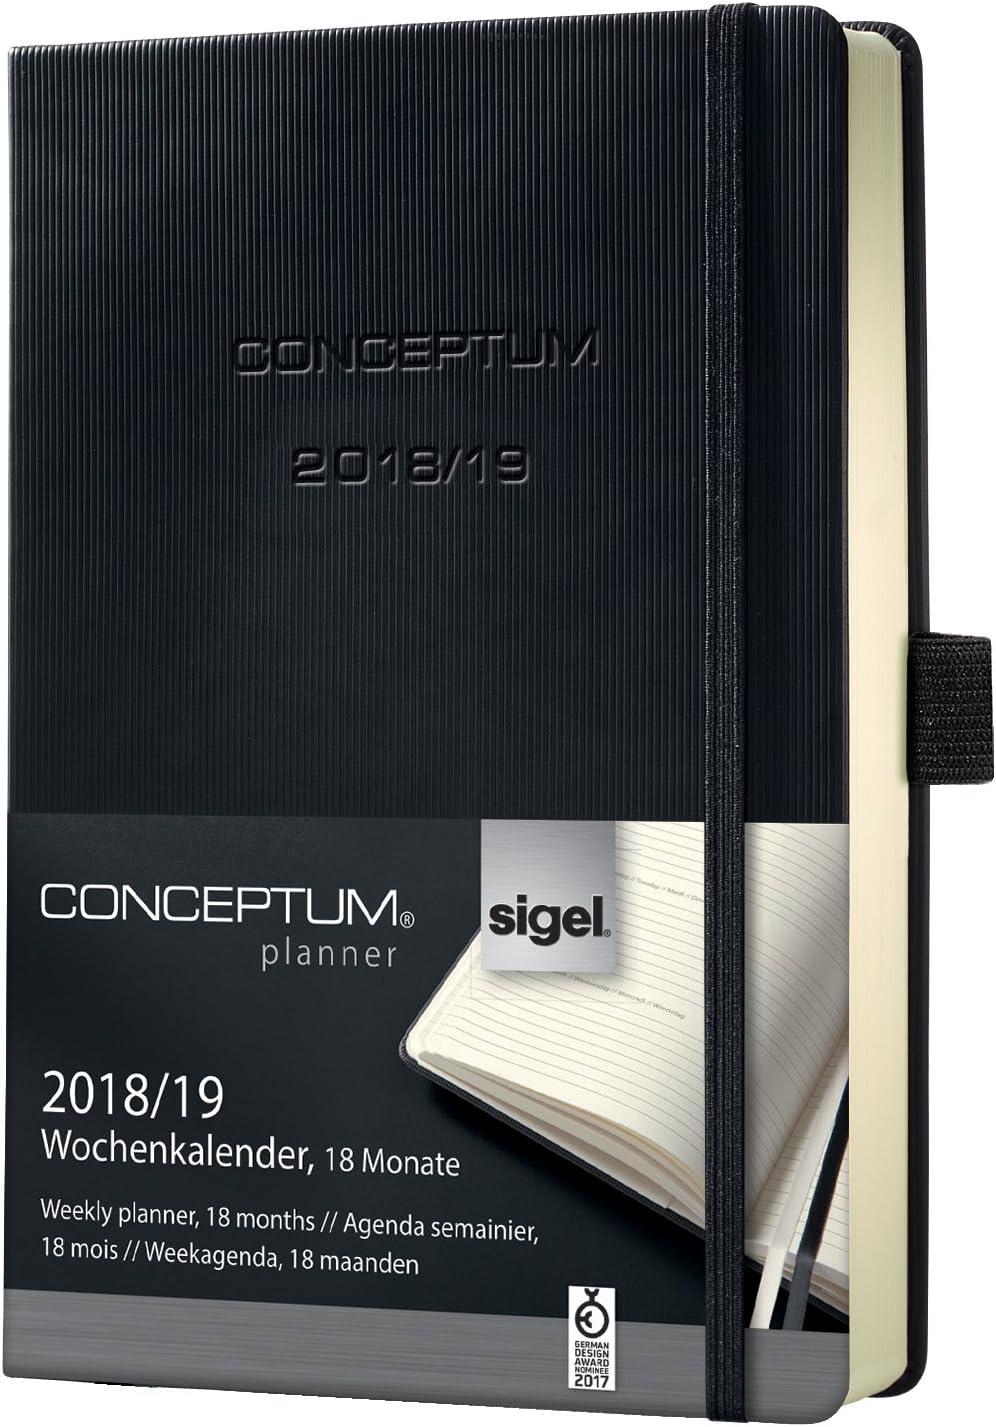 Sigel C1902 Agenda Settimanale 18 Mesi 2018/2019 Conceptum, Copertina Rigida, 10,8 X 15,1 Cm, Nero